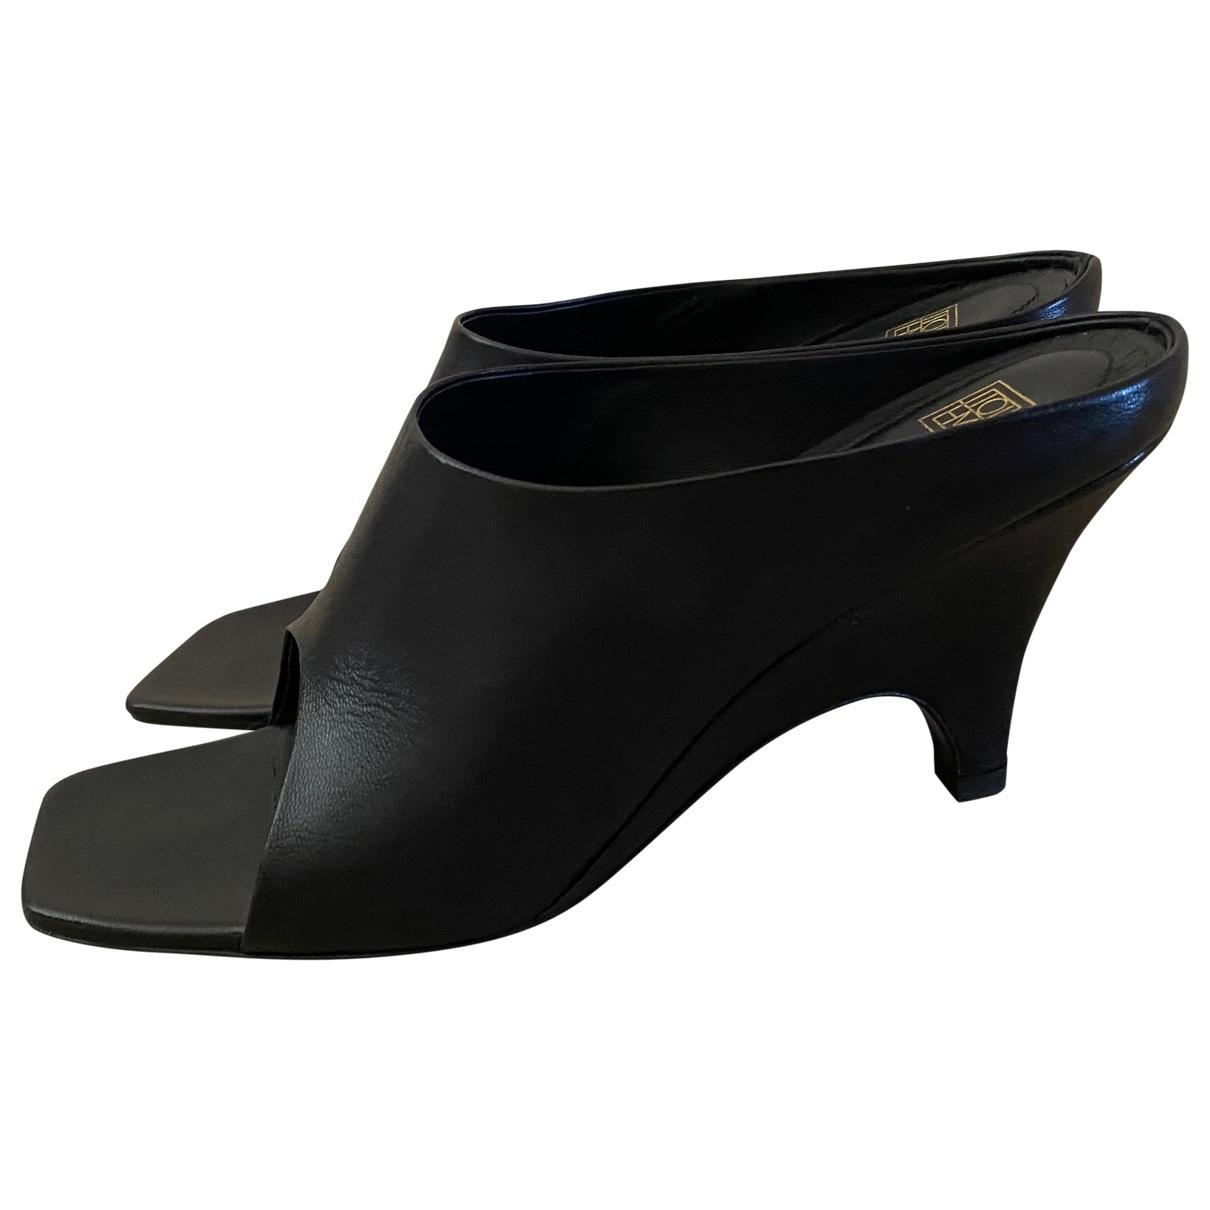 Totême Open Toe Mule Black Leather Sandals for Women 38 EU